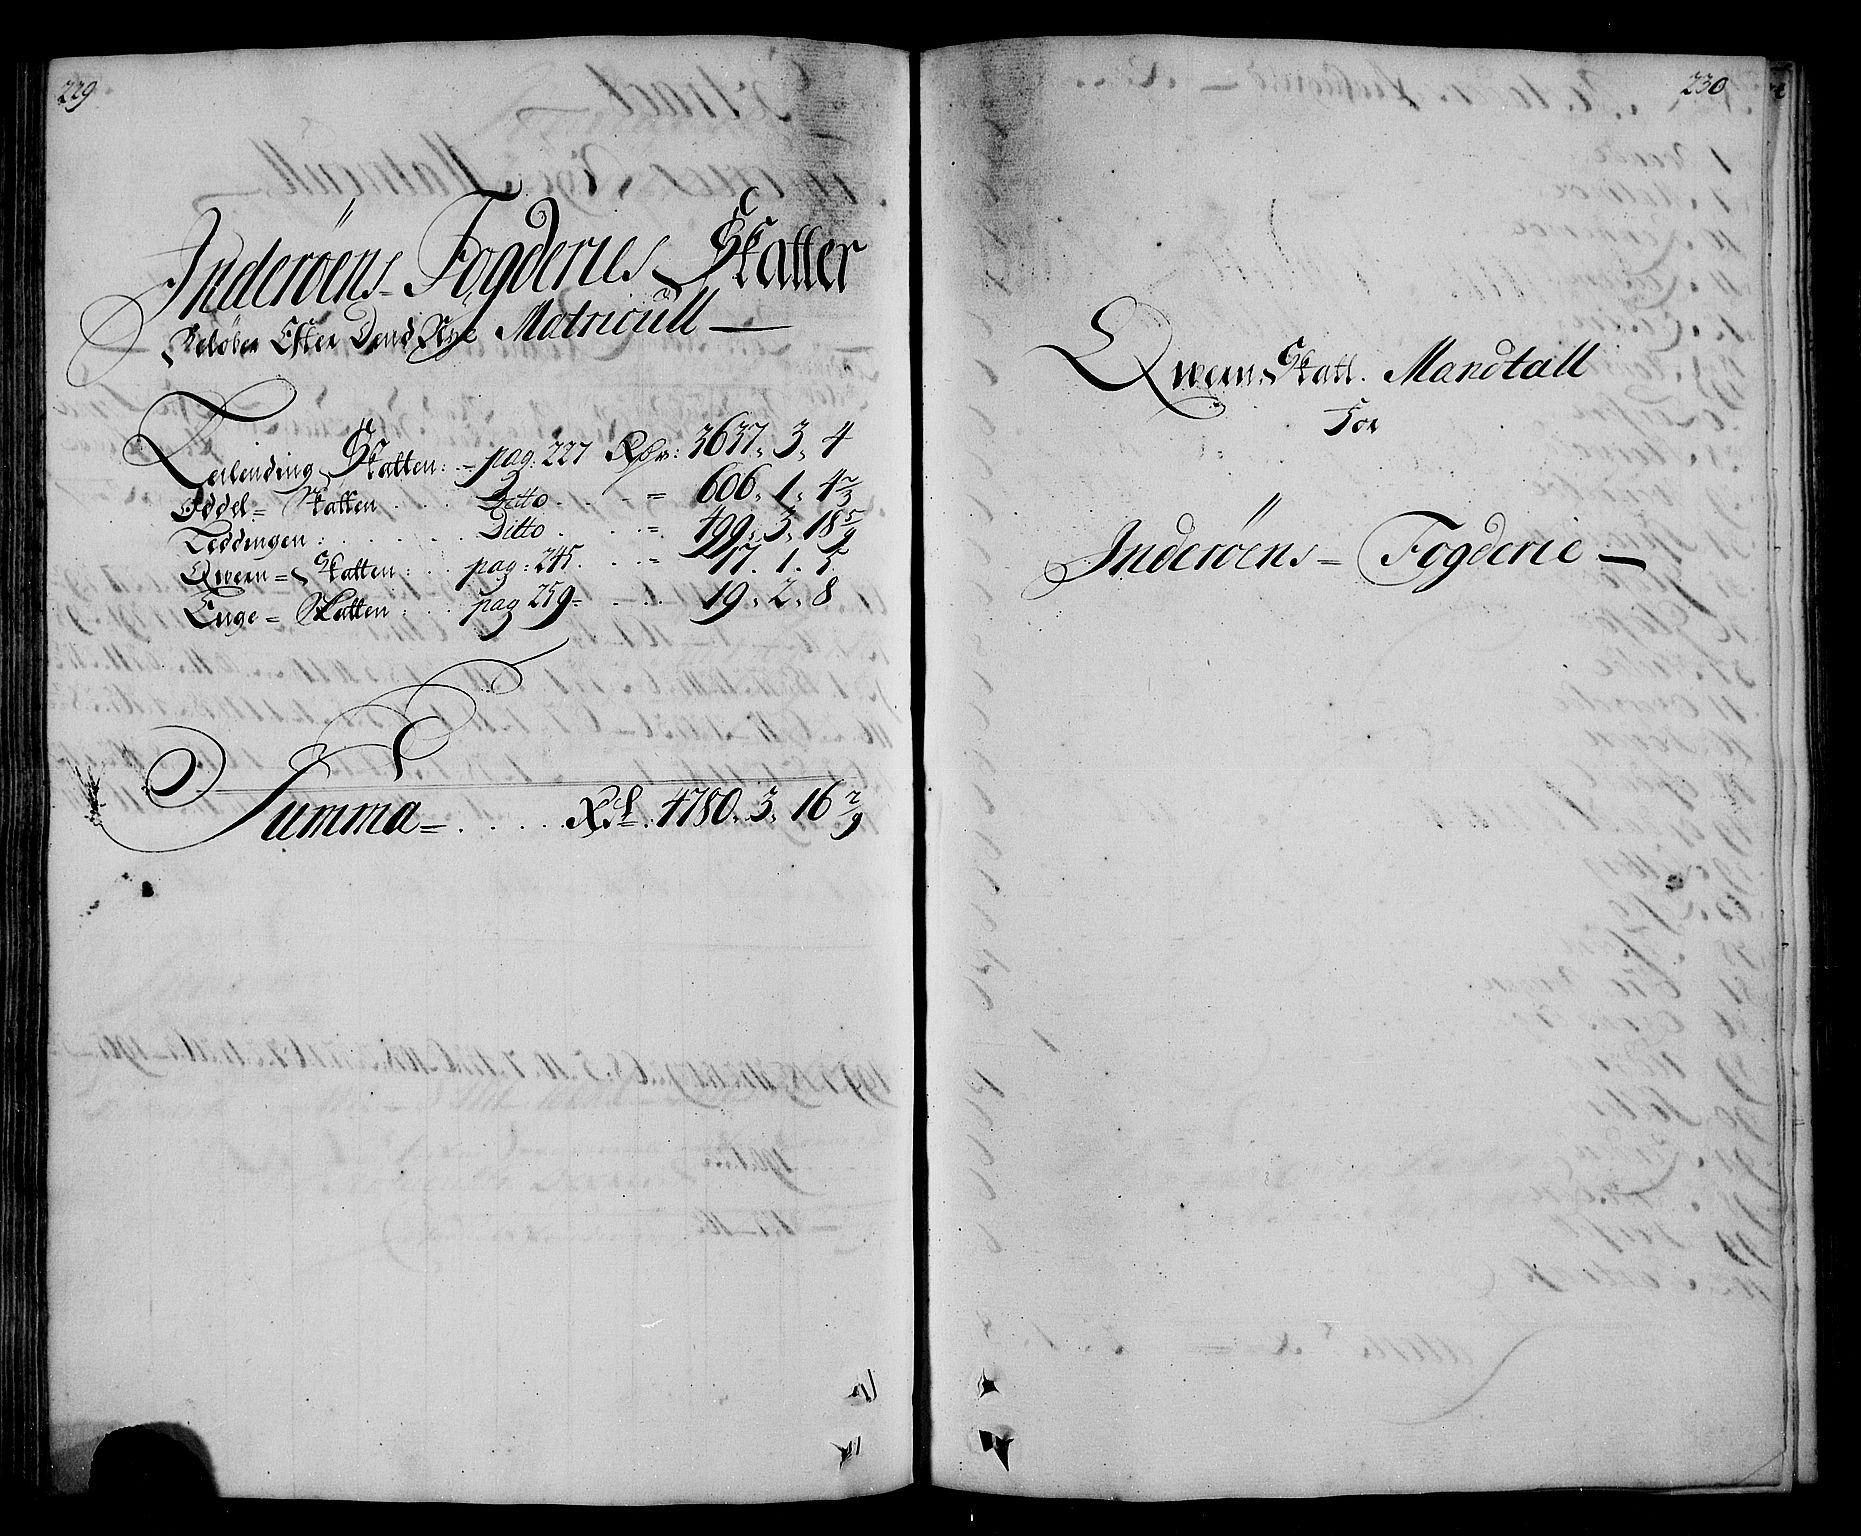 RA, Rentekammeret inntil 1814, Realistisk ordnet avdeling, N/Nb/Nbf/L0167: Inderøy matrikkelprotokoll, 1723, s. 229-230